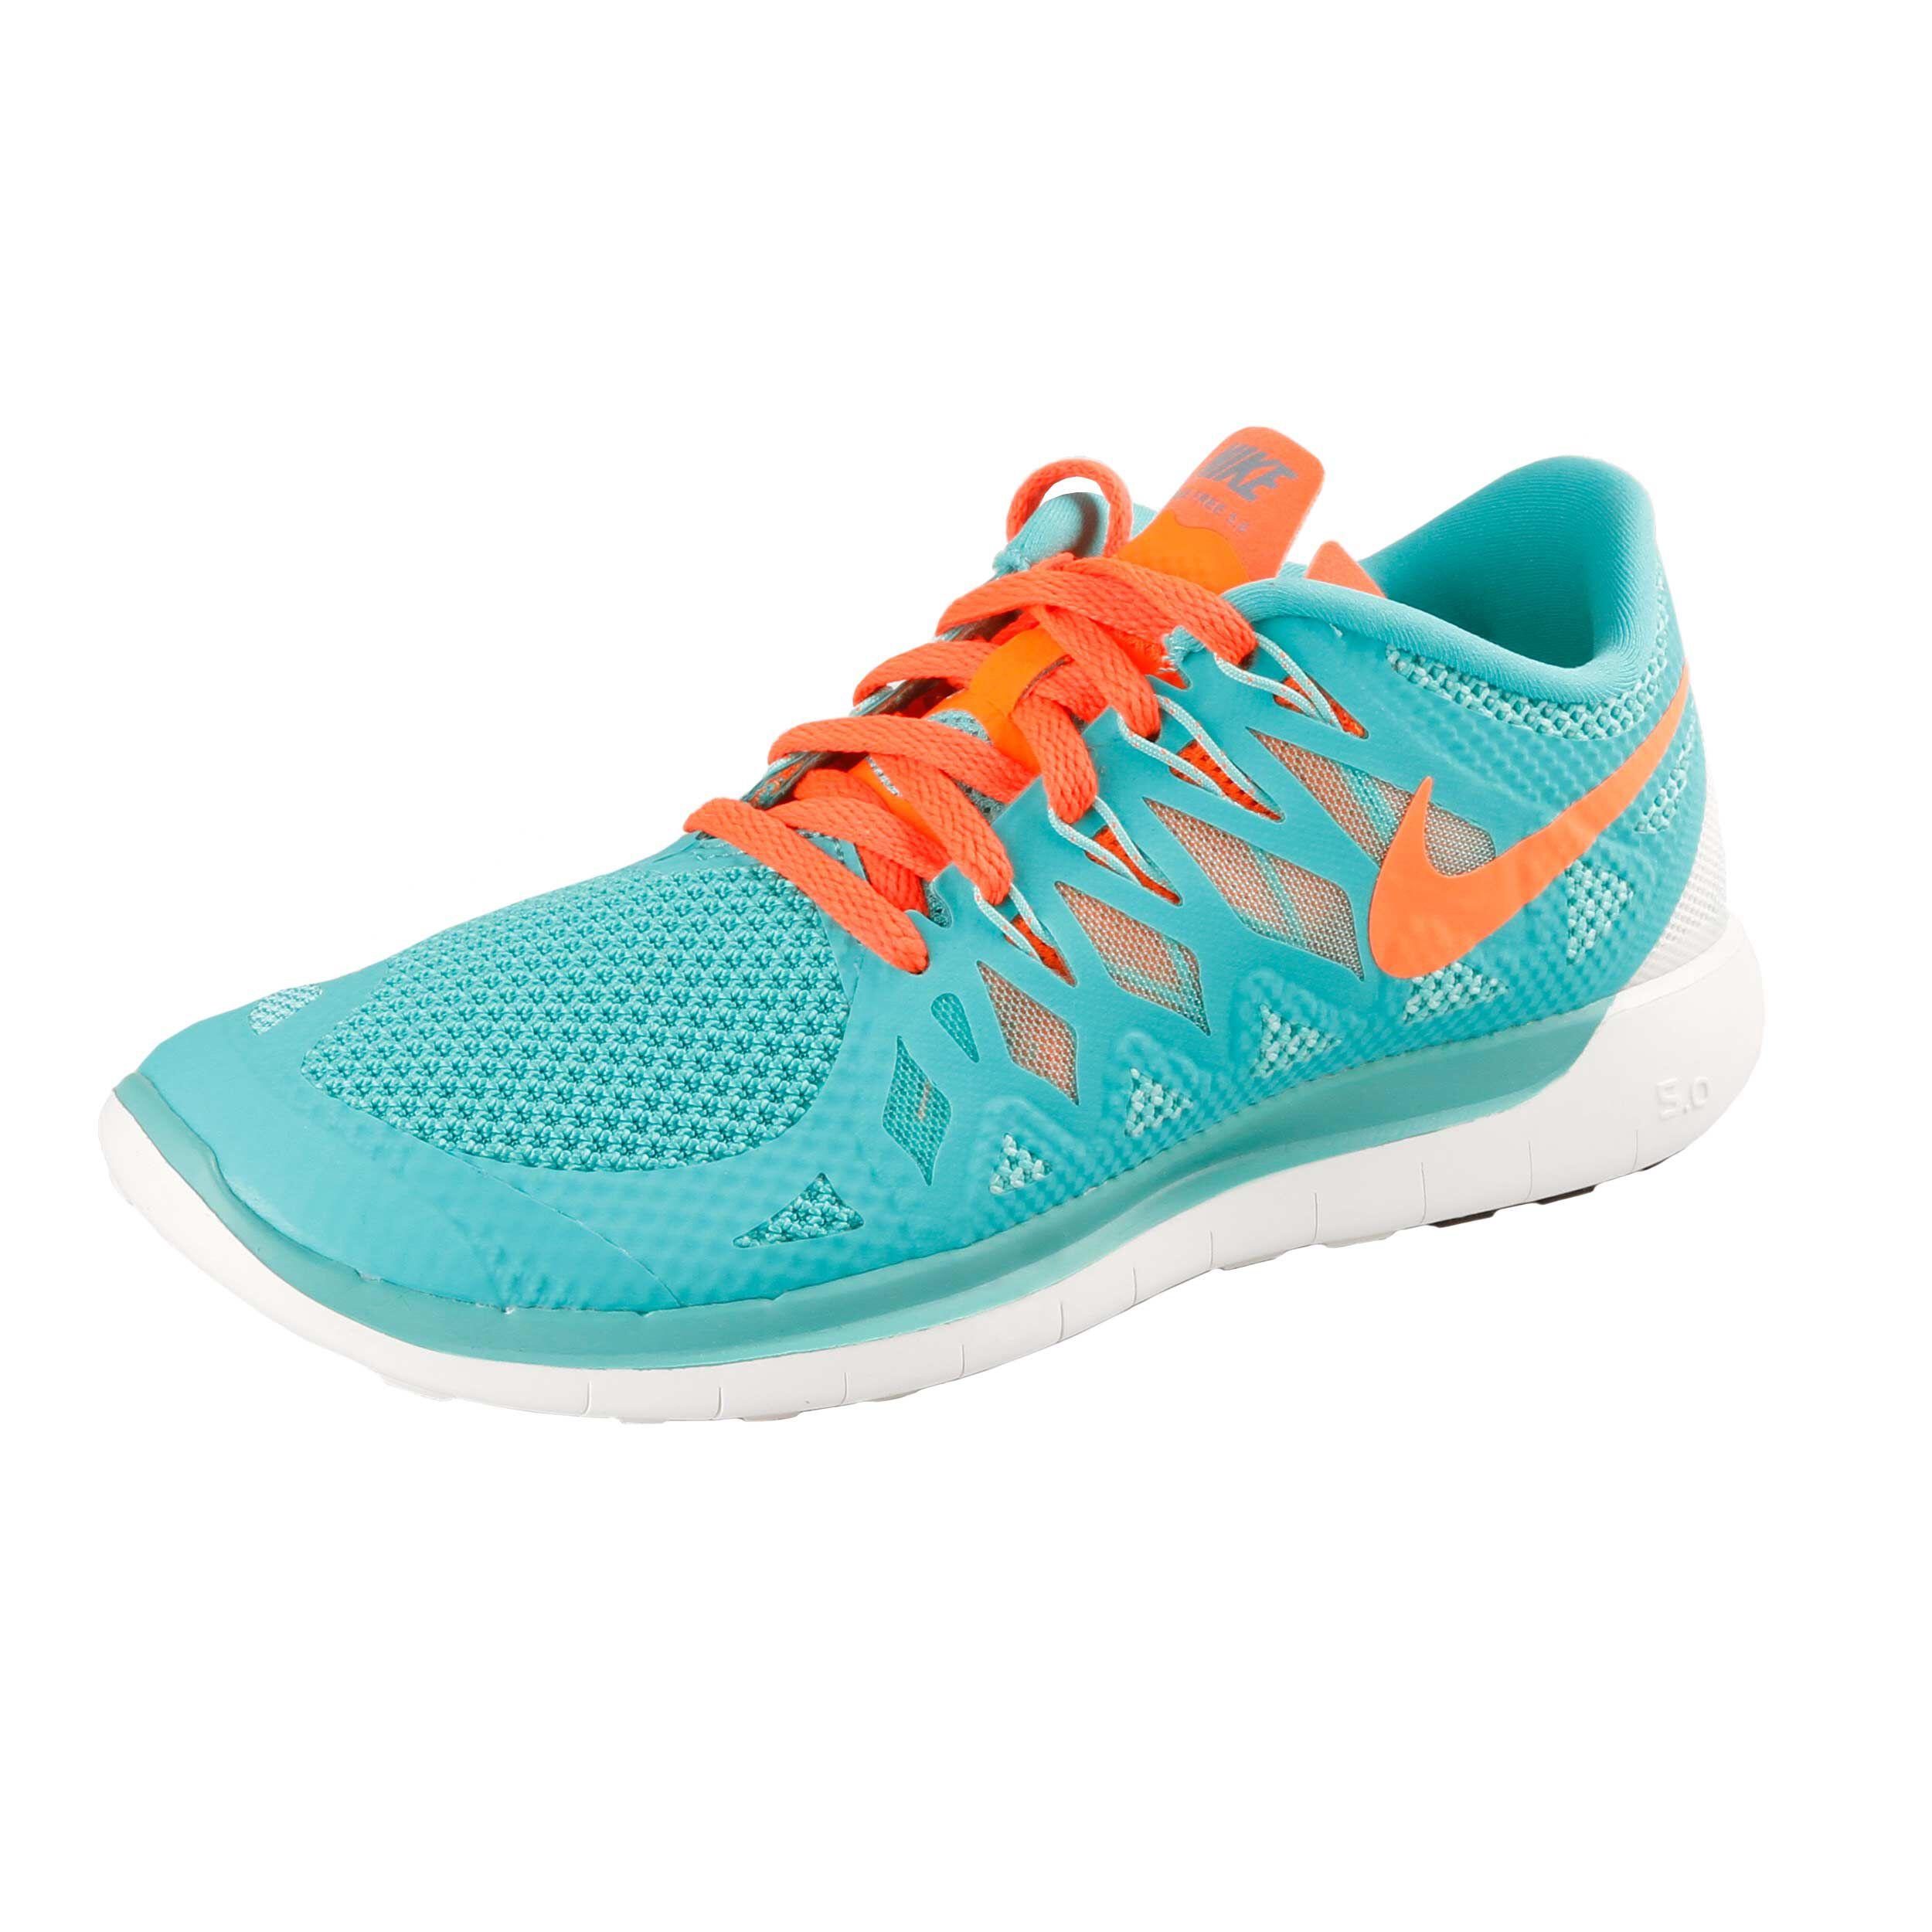 Free Damen TürkisOrange Nike 5 0Sneaker 1KJlFcT3